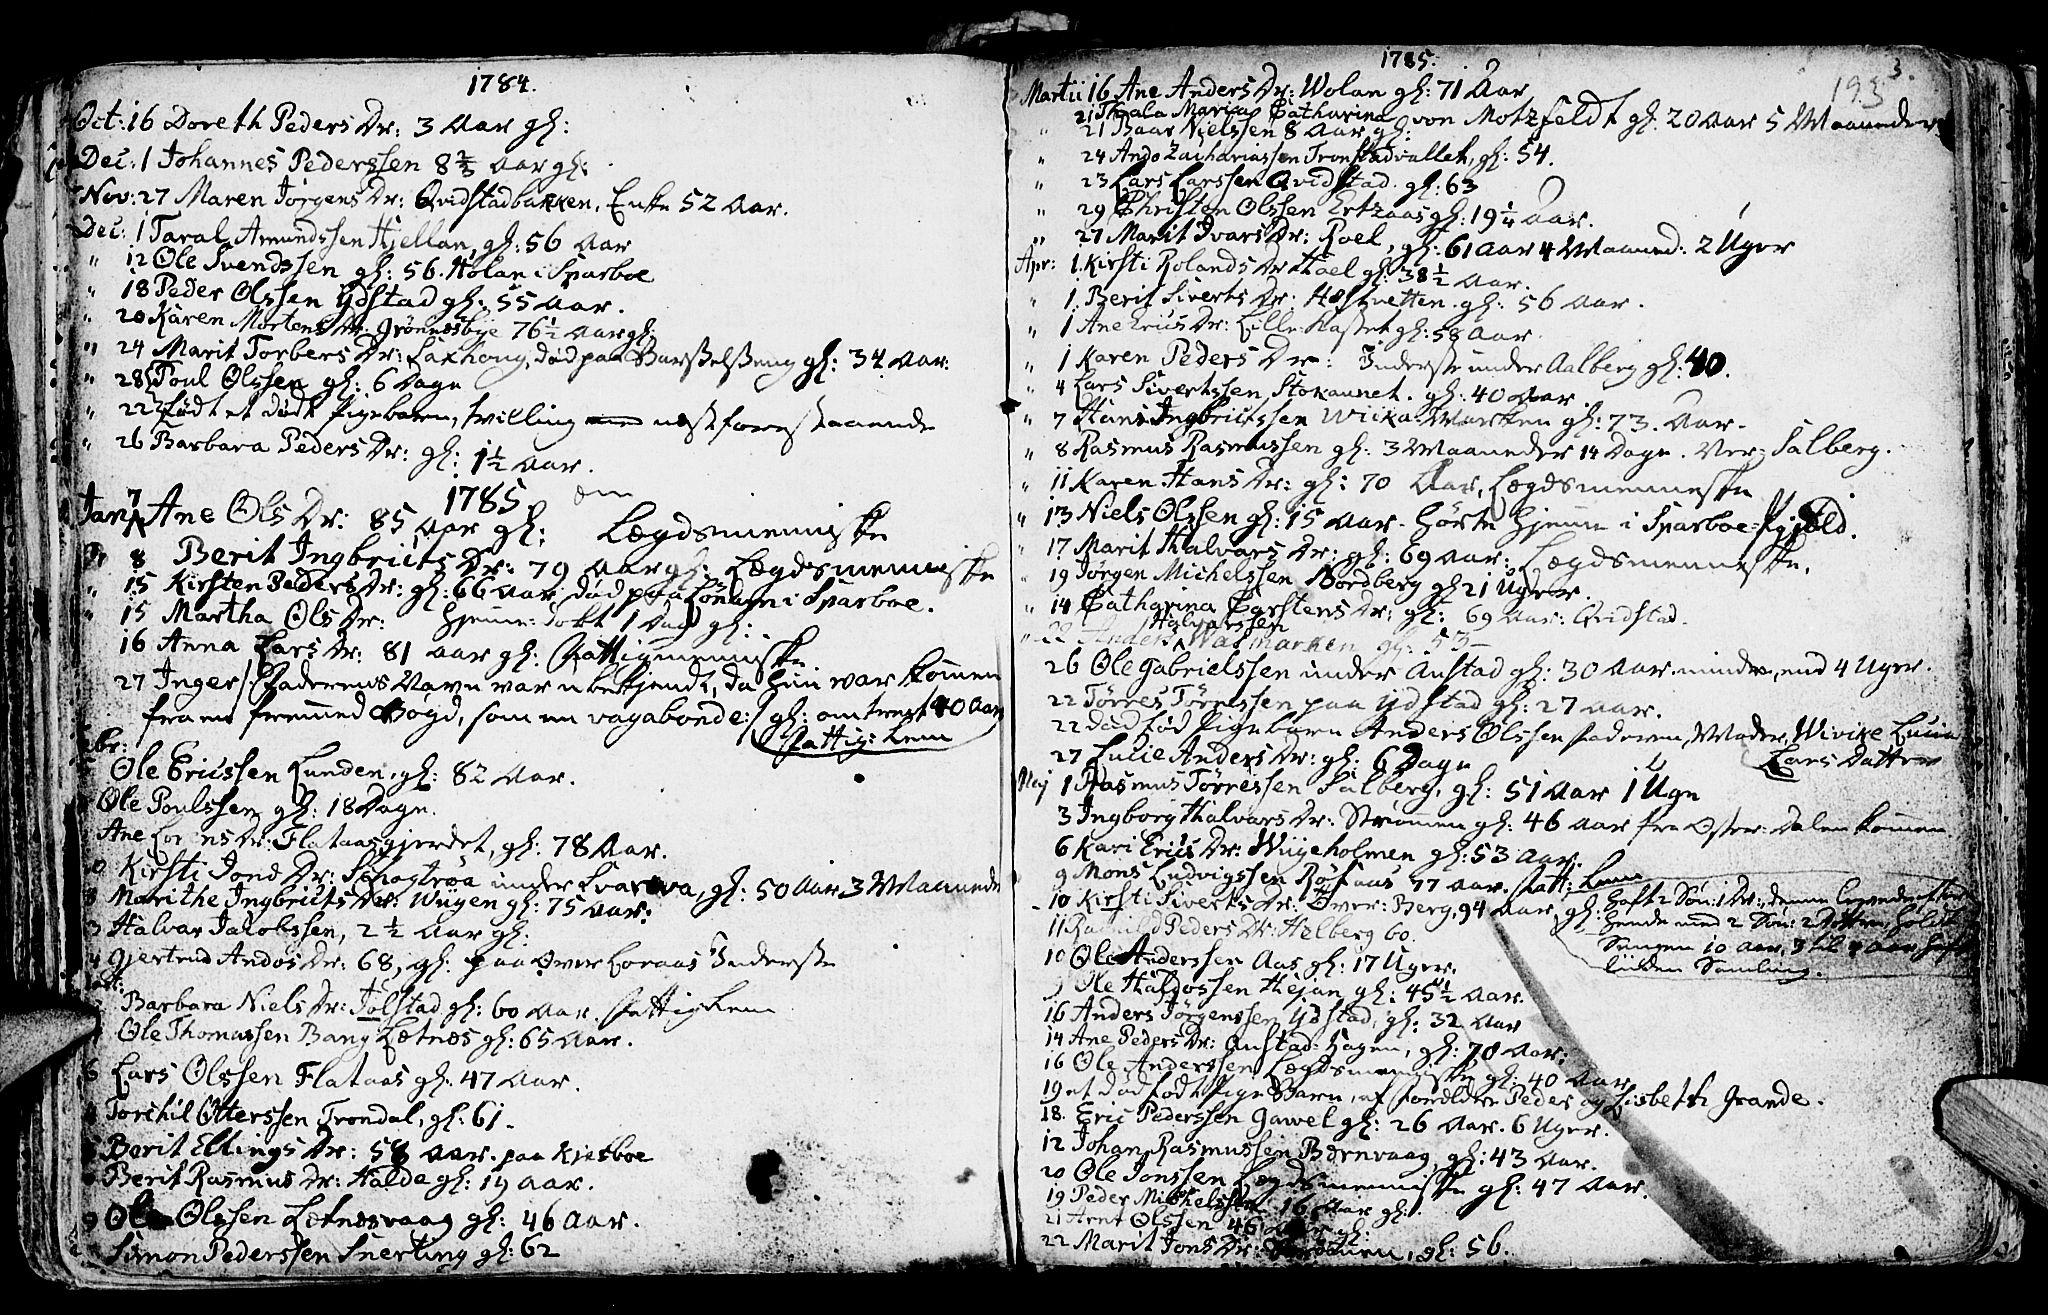 SAT, Ministerialprotokoller, klokkerbøker og fødselsregistre - Nord-Trøndelag, 730/L0273: Ministerialbok nr. 730A02, 1762-1802, s. 193